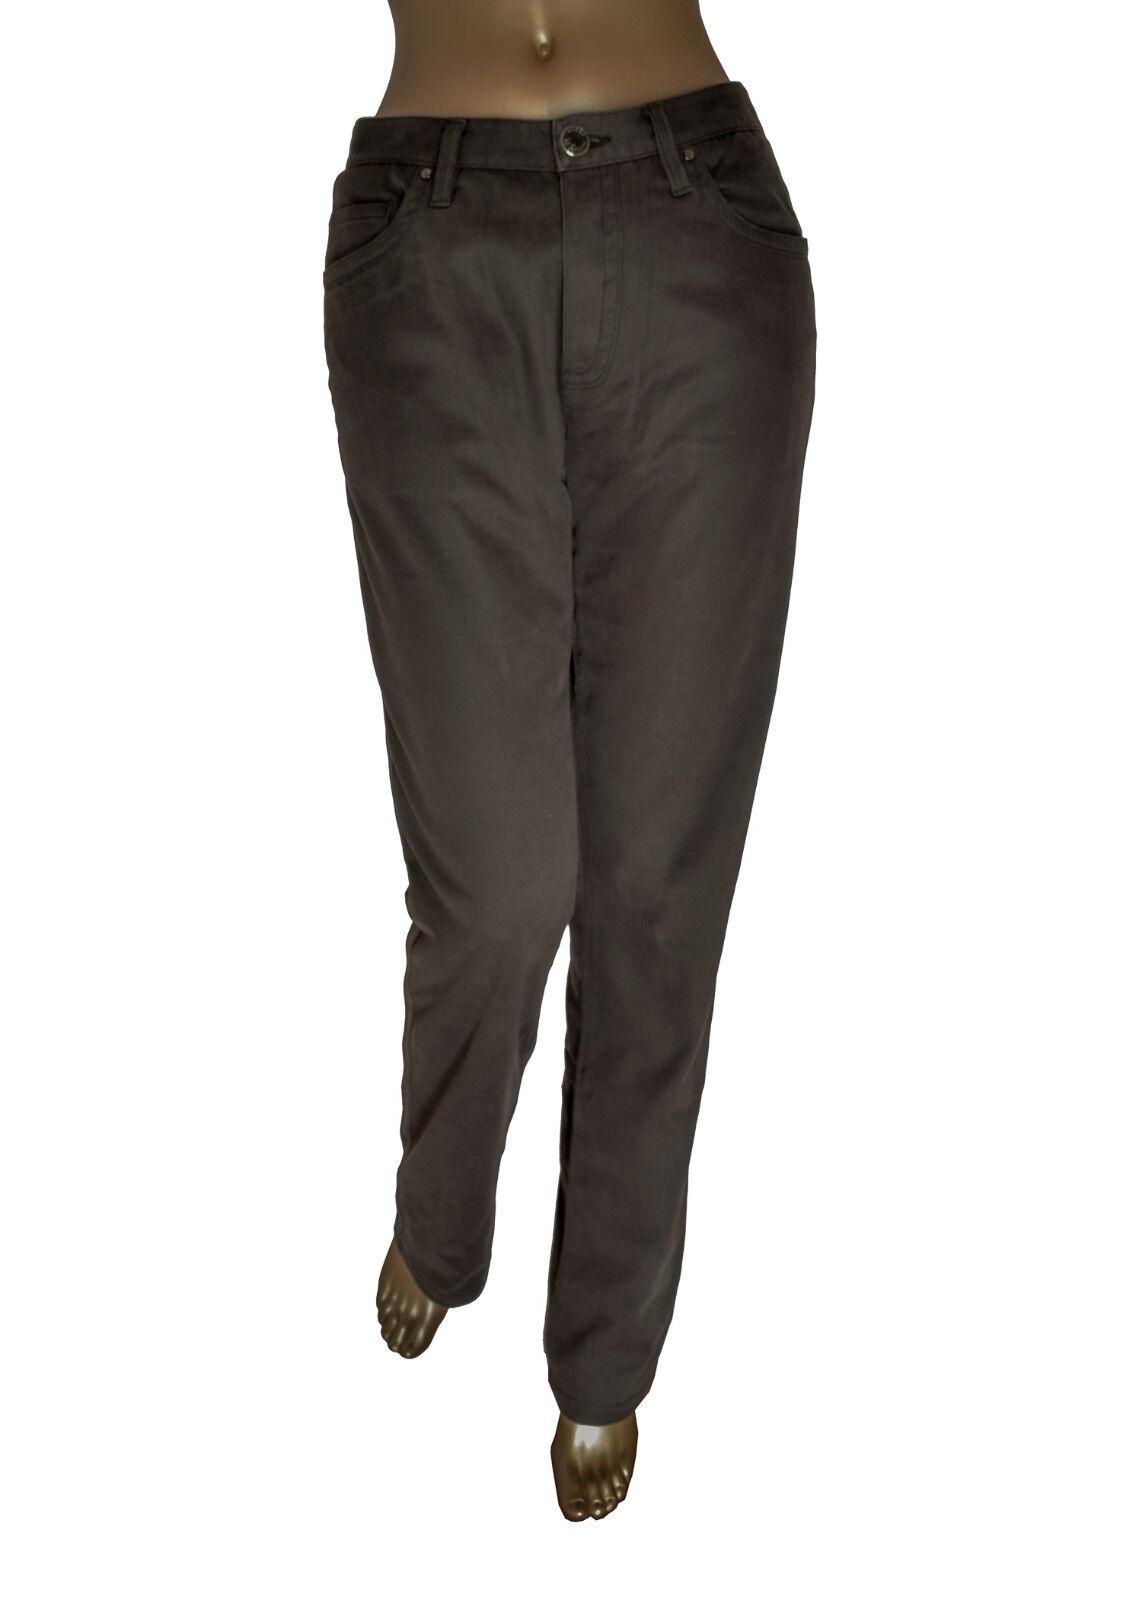 GUESS by MARCIANO pantaloni donna - dettagli sulle tasche frontali frontali frontali - PROMO 00f96d